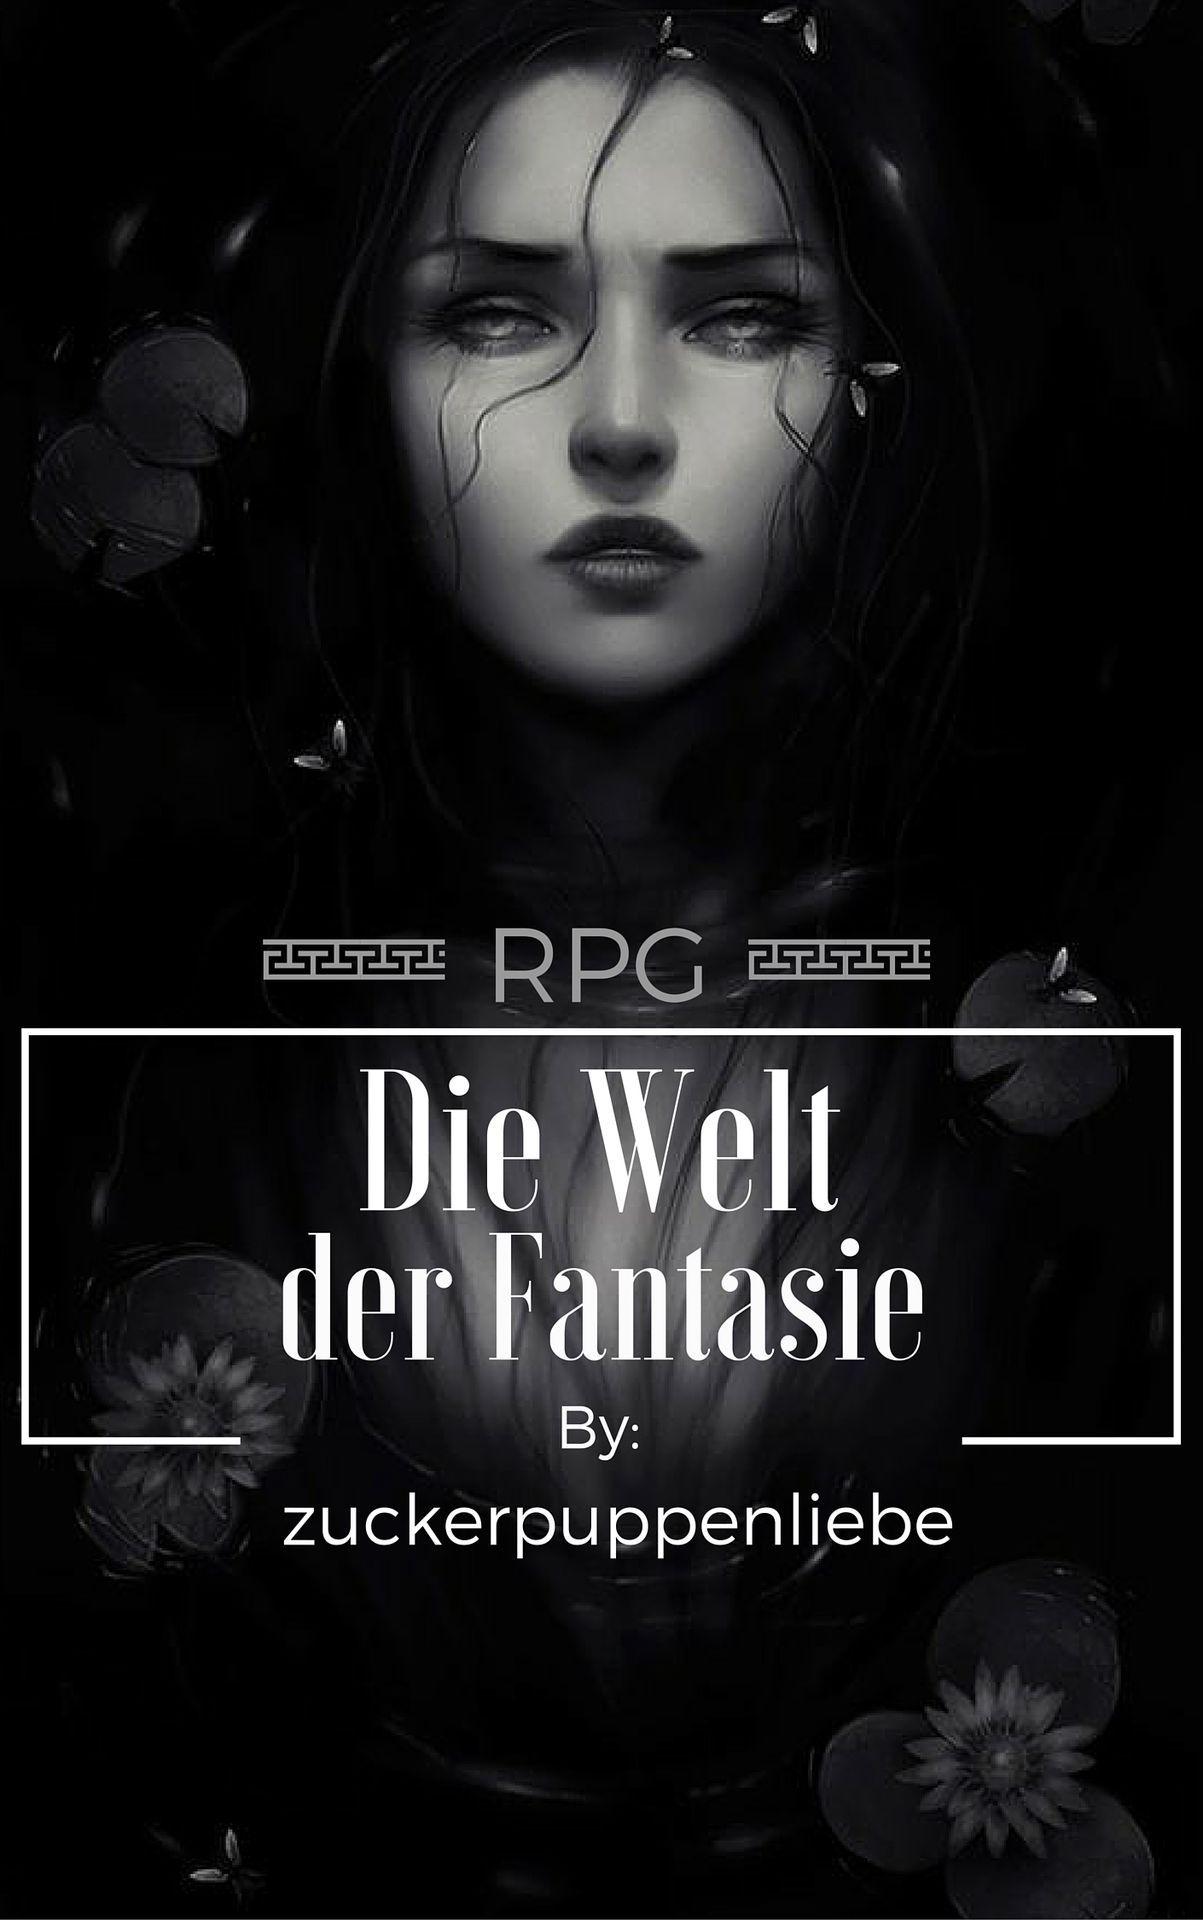 """Nun zu """"Die Welt der Fantasie - RPG - Charaktere"""" :)"""